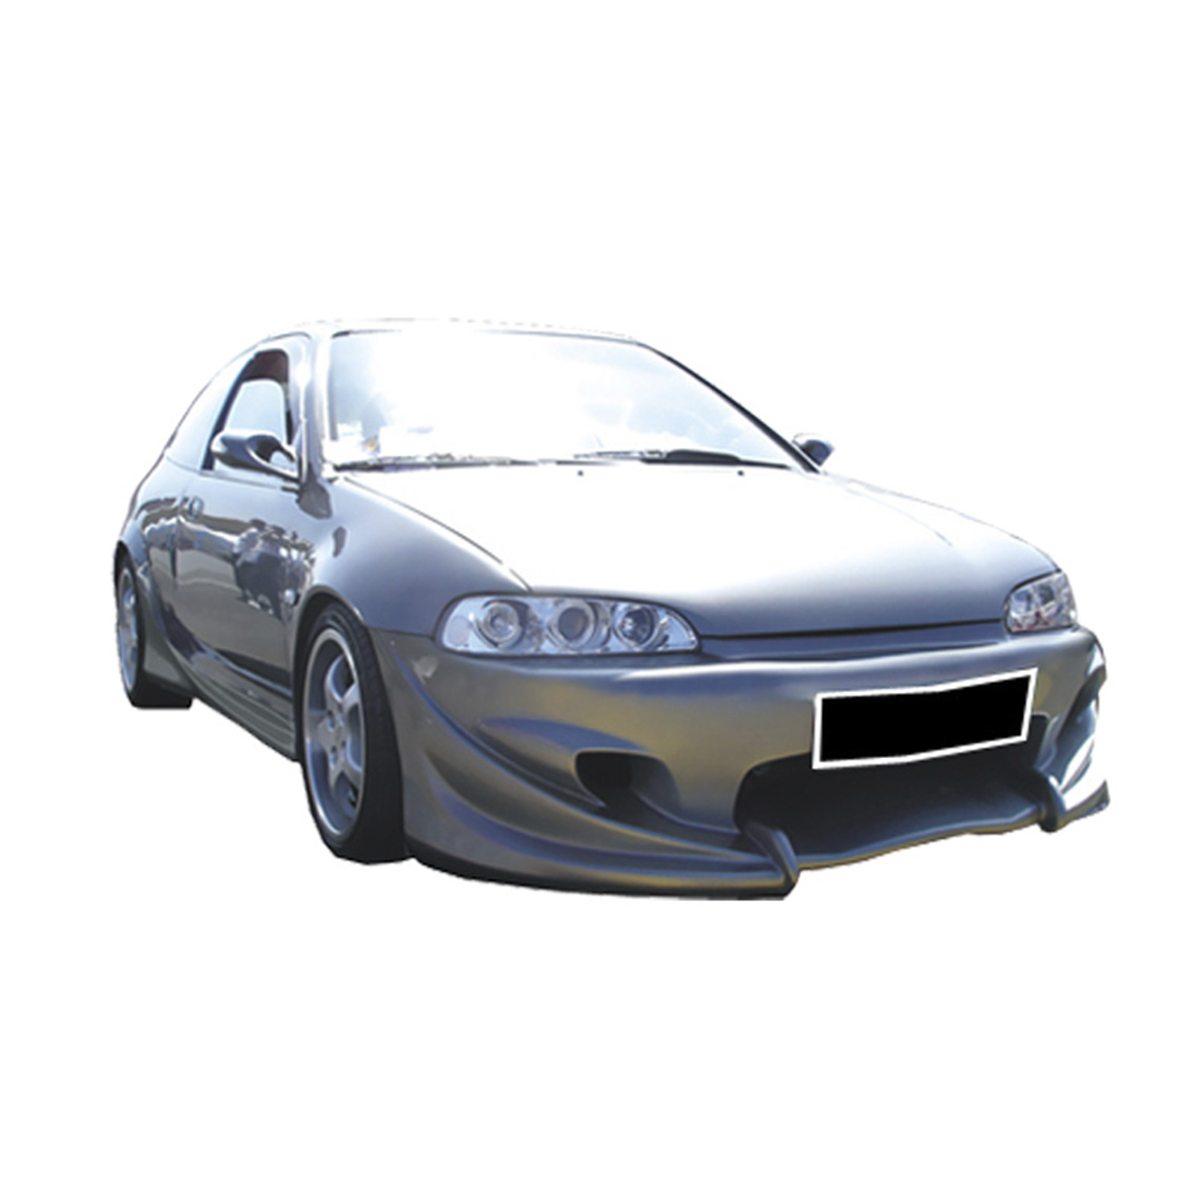 Honda-Civic-92-Flash-Frt-PCU0367.3